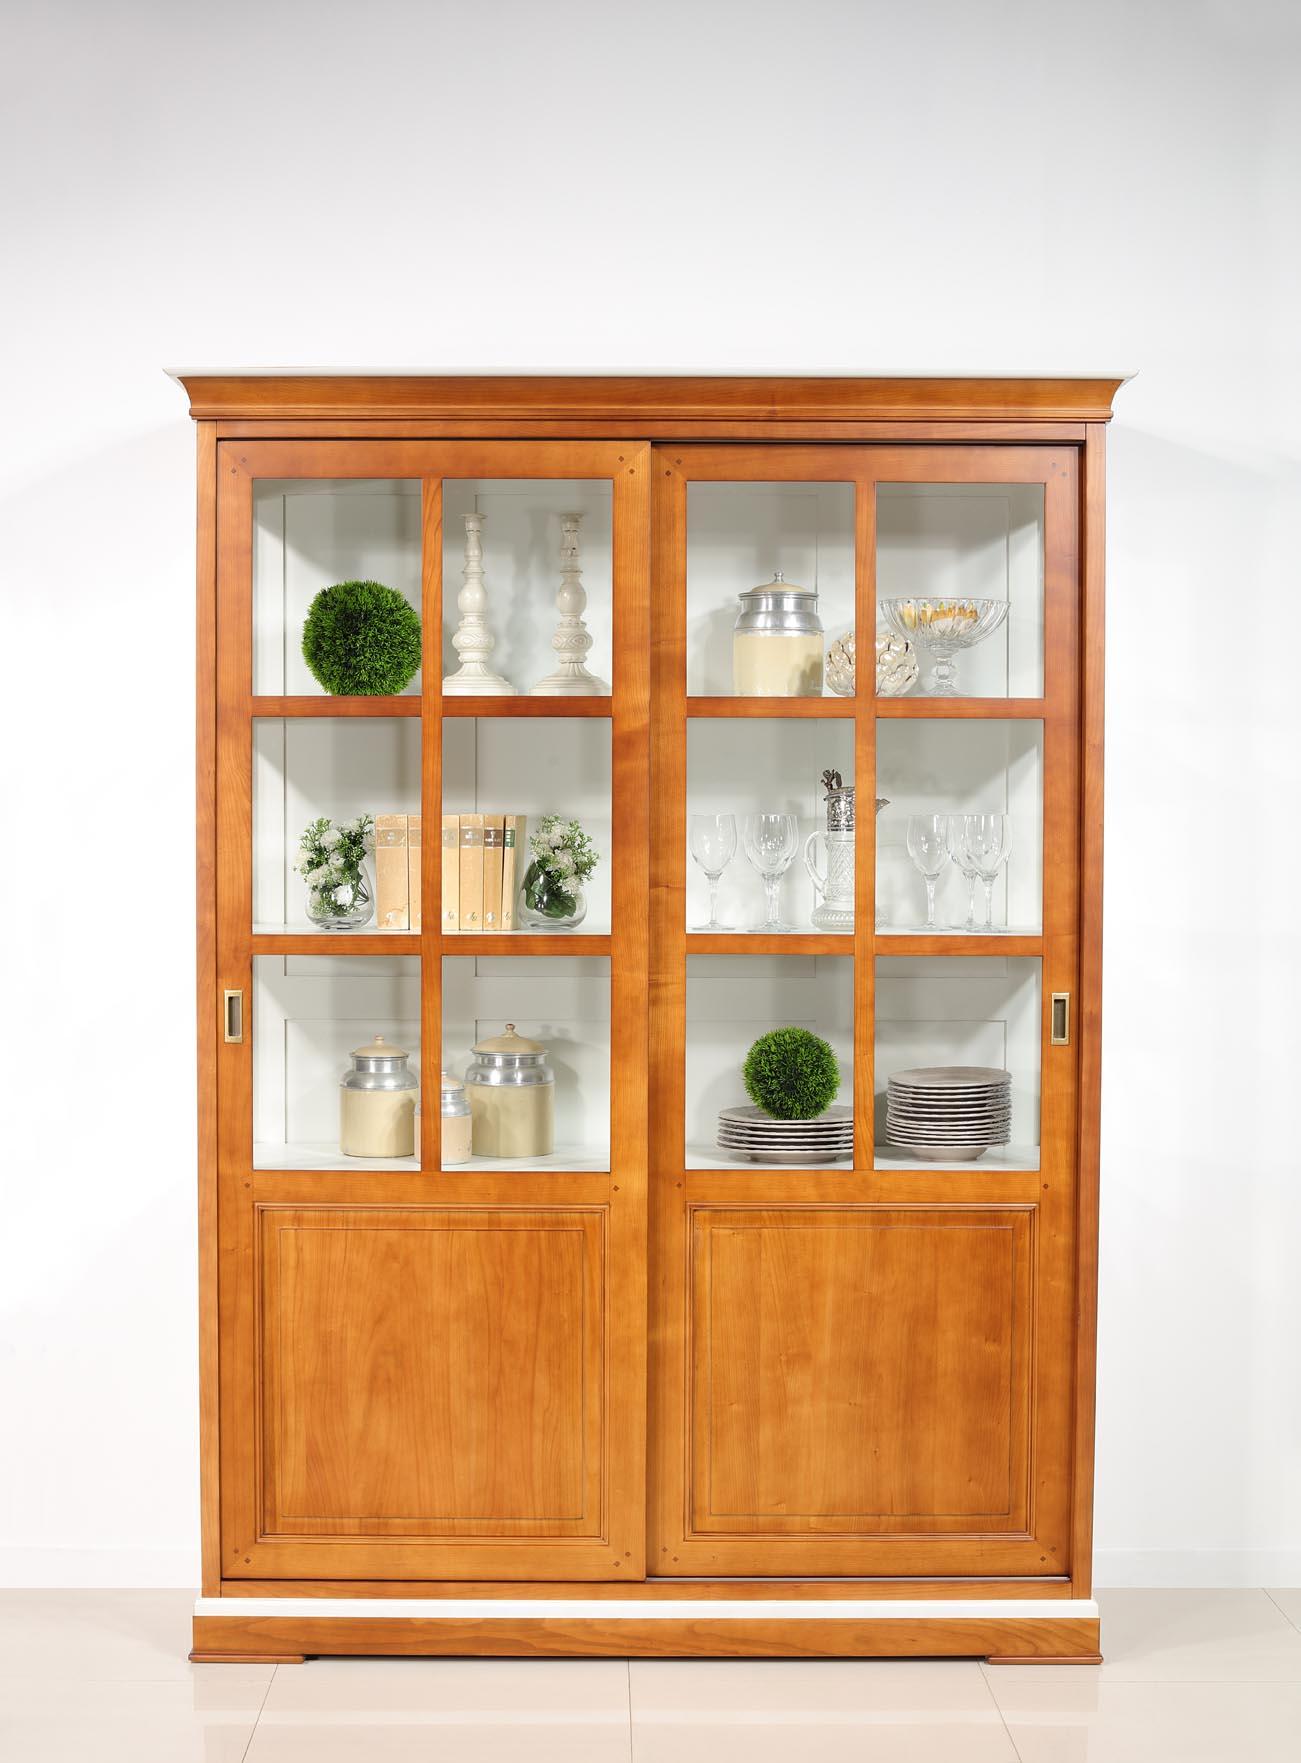 bibliotheque portes coulissantes realisee en merisier massif de style directoire seulement 1 disponible